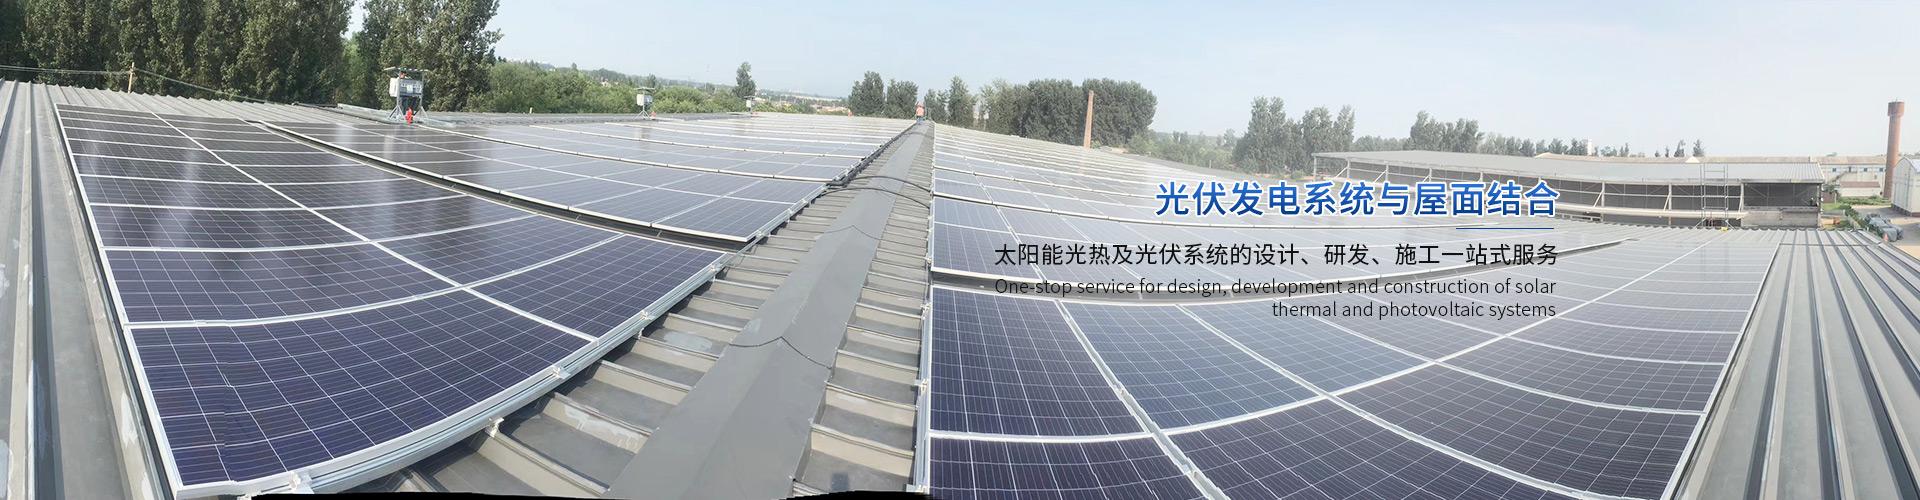 上海毓坤新能源科技有限公司